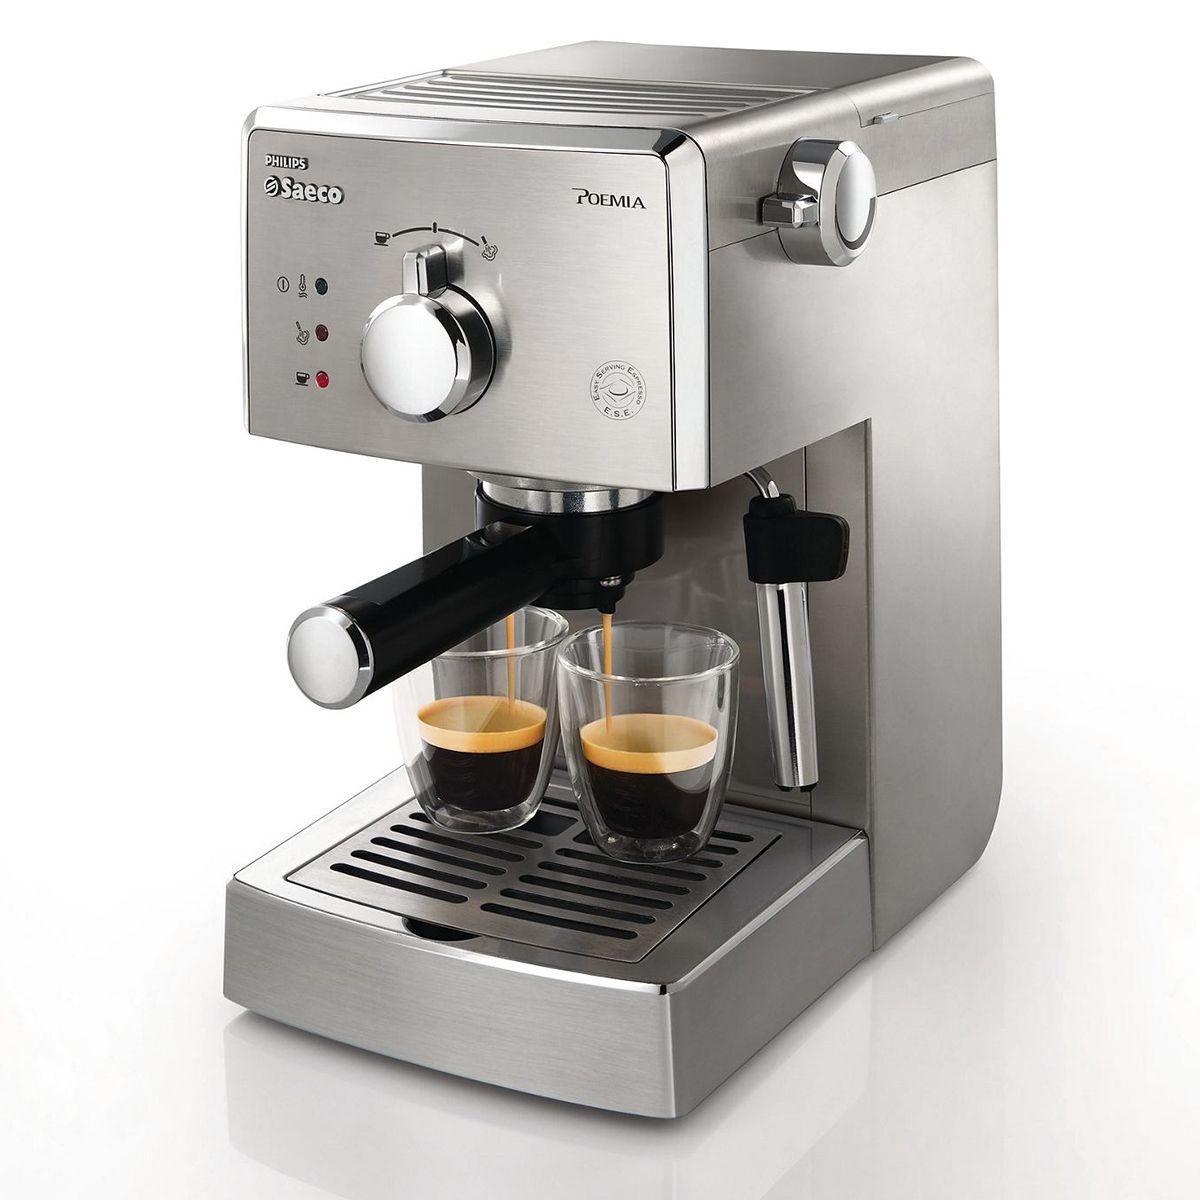 Personal Edge : Poemia Manual Espresso machine